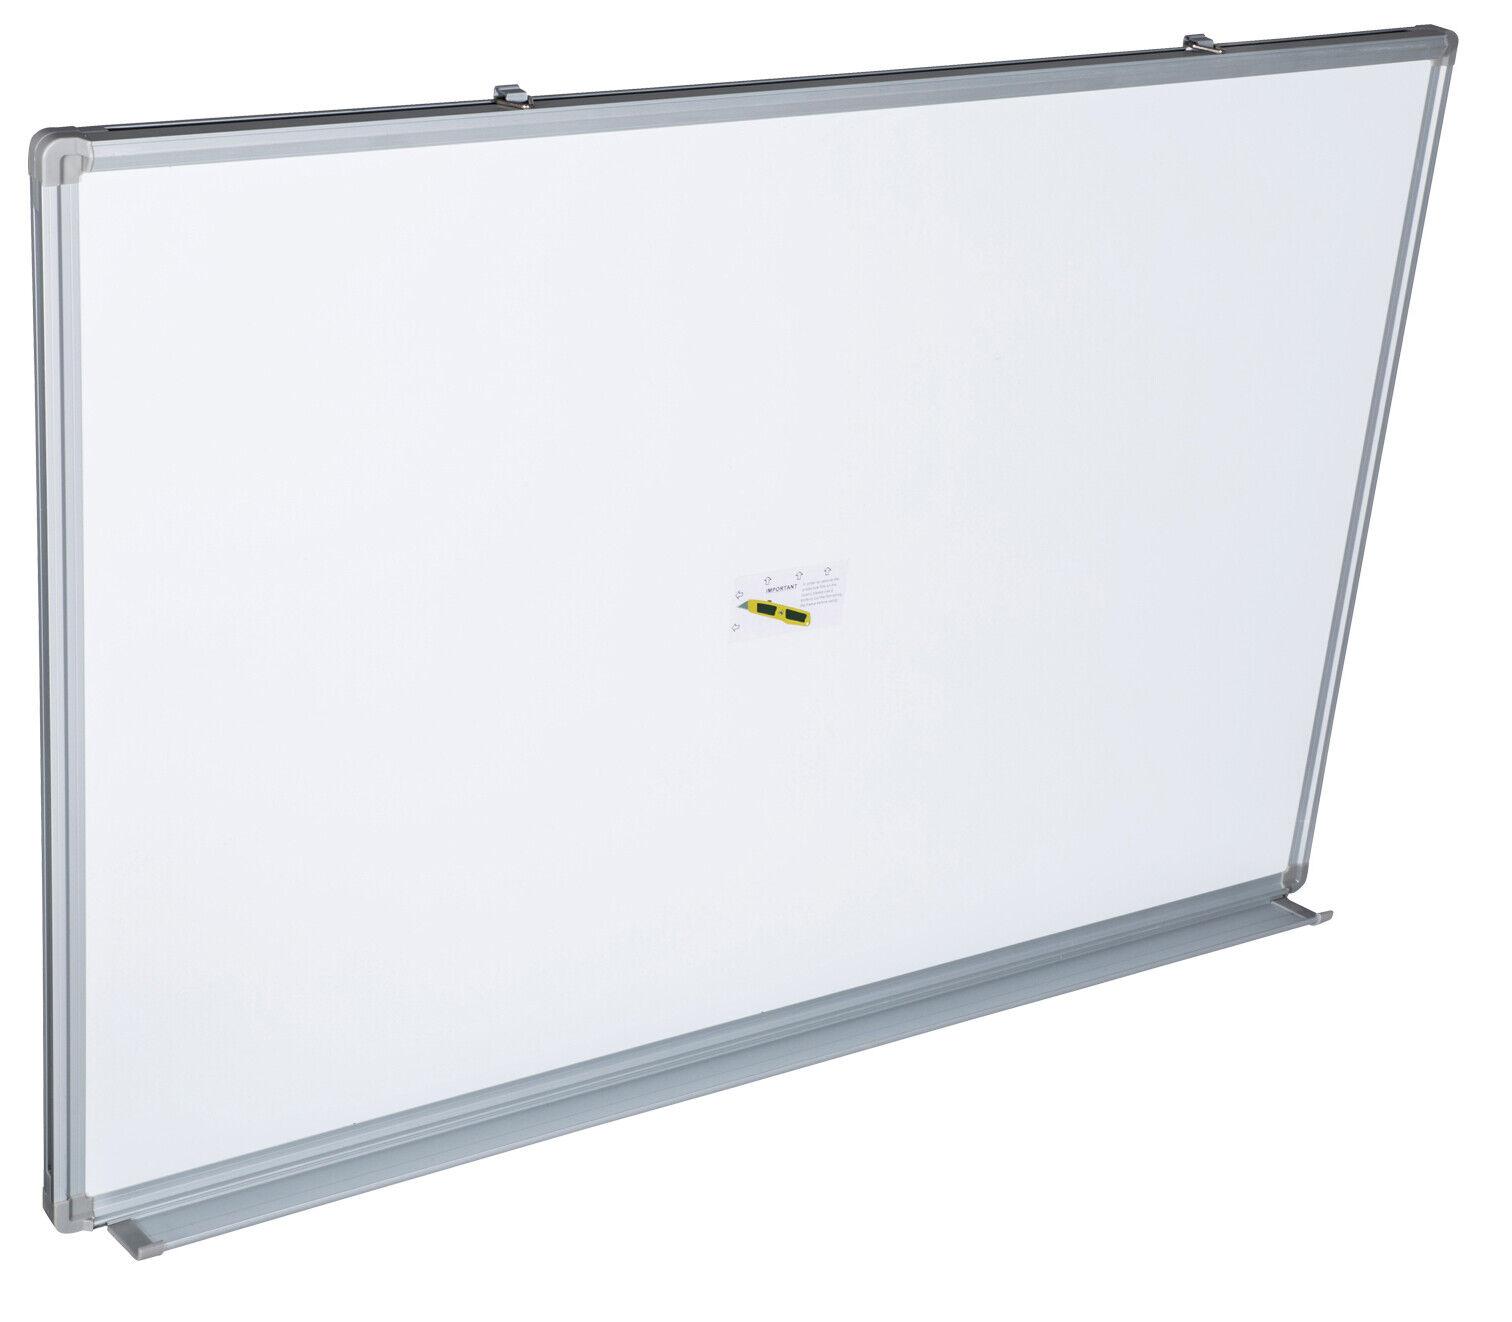 Weißboard 150 cm x 90cm Magnettafel Schreibtafel Wandtafel Memoboard clip   Preisreduktion    Merkwürdige Form    Zahlreiche In Vielfalt